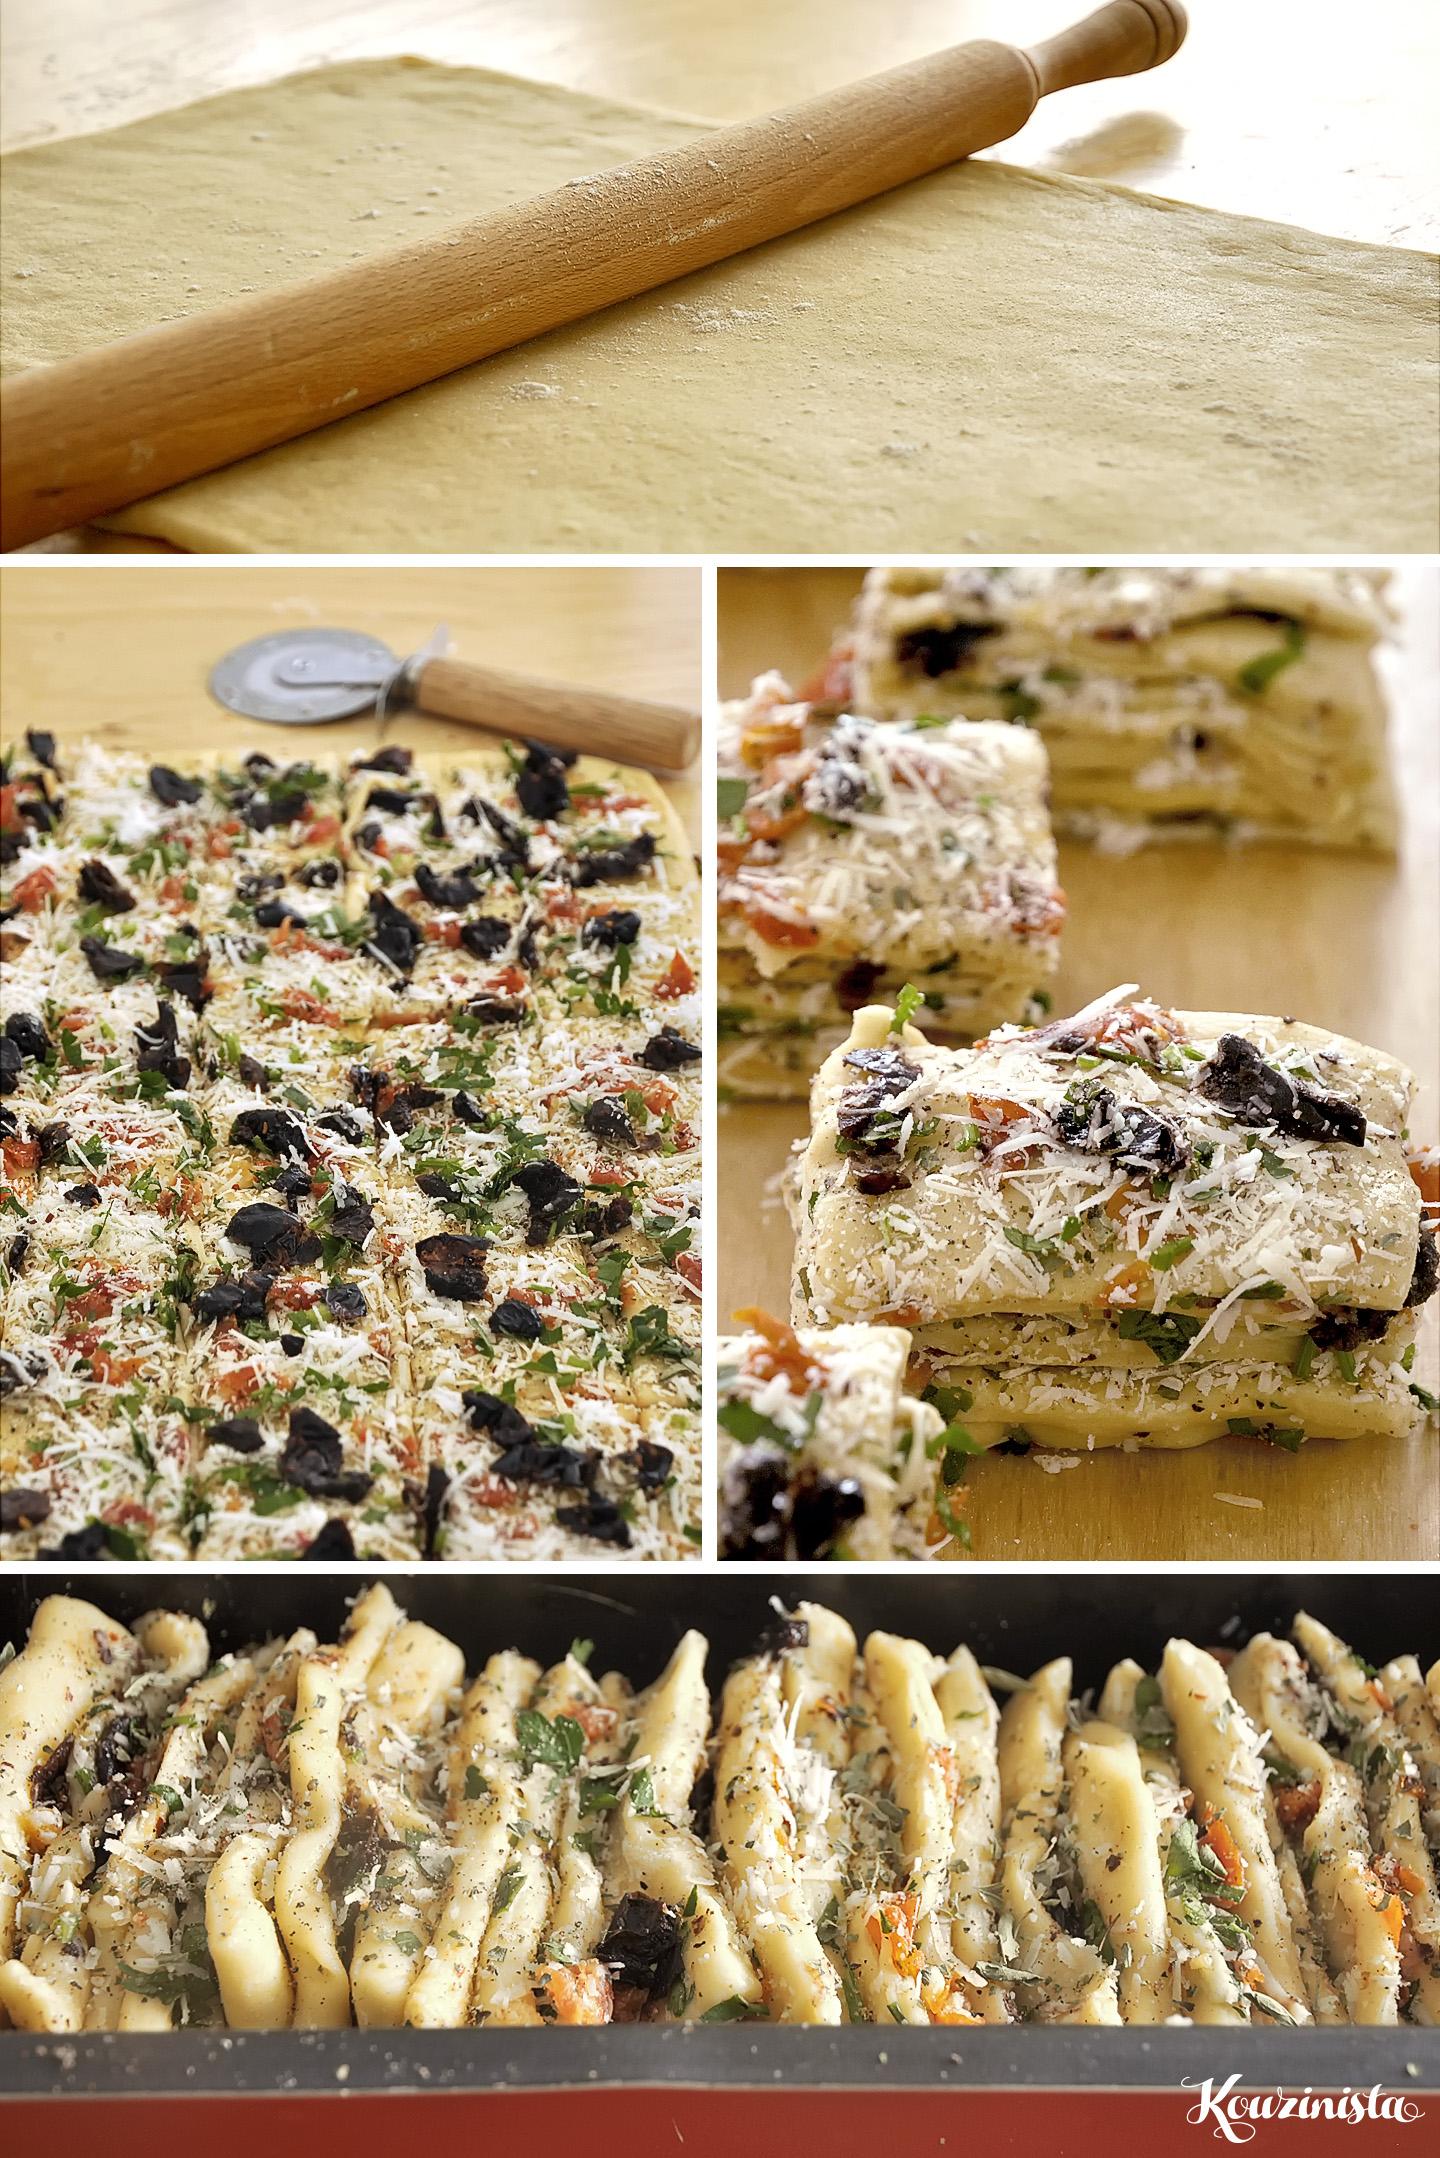 Ψωμί ακορντεόν με σκόρδο και παρμεζάνα / Garlic Parmesan Pull-Apart Bread